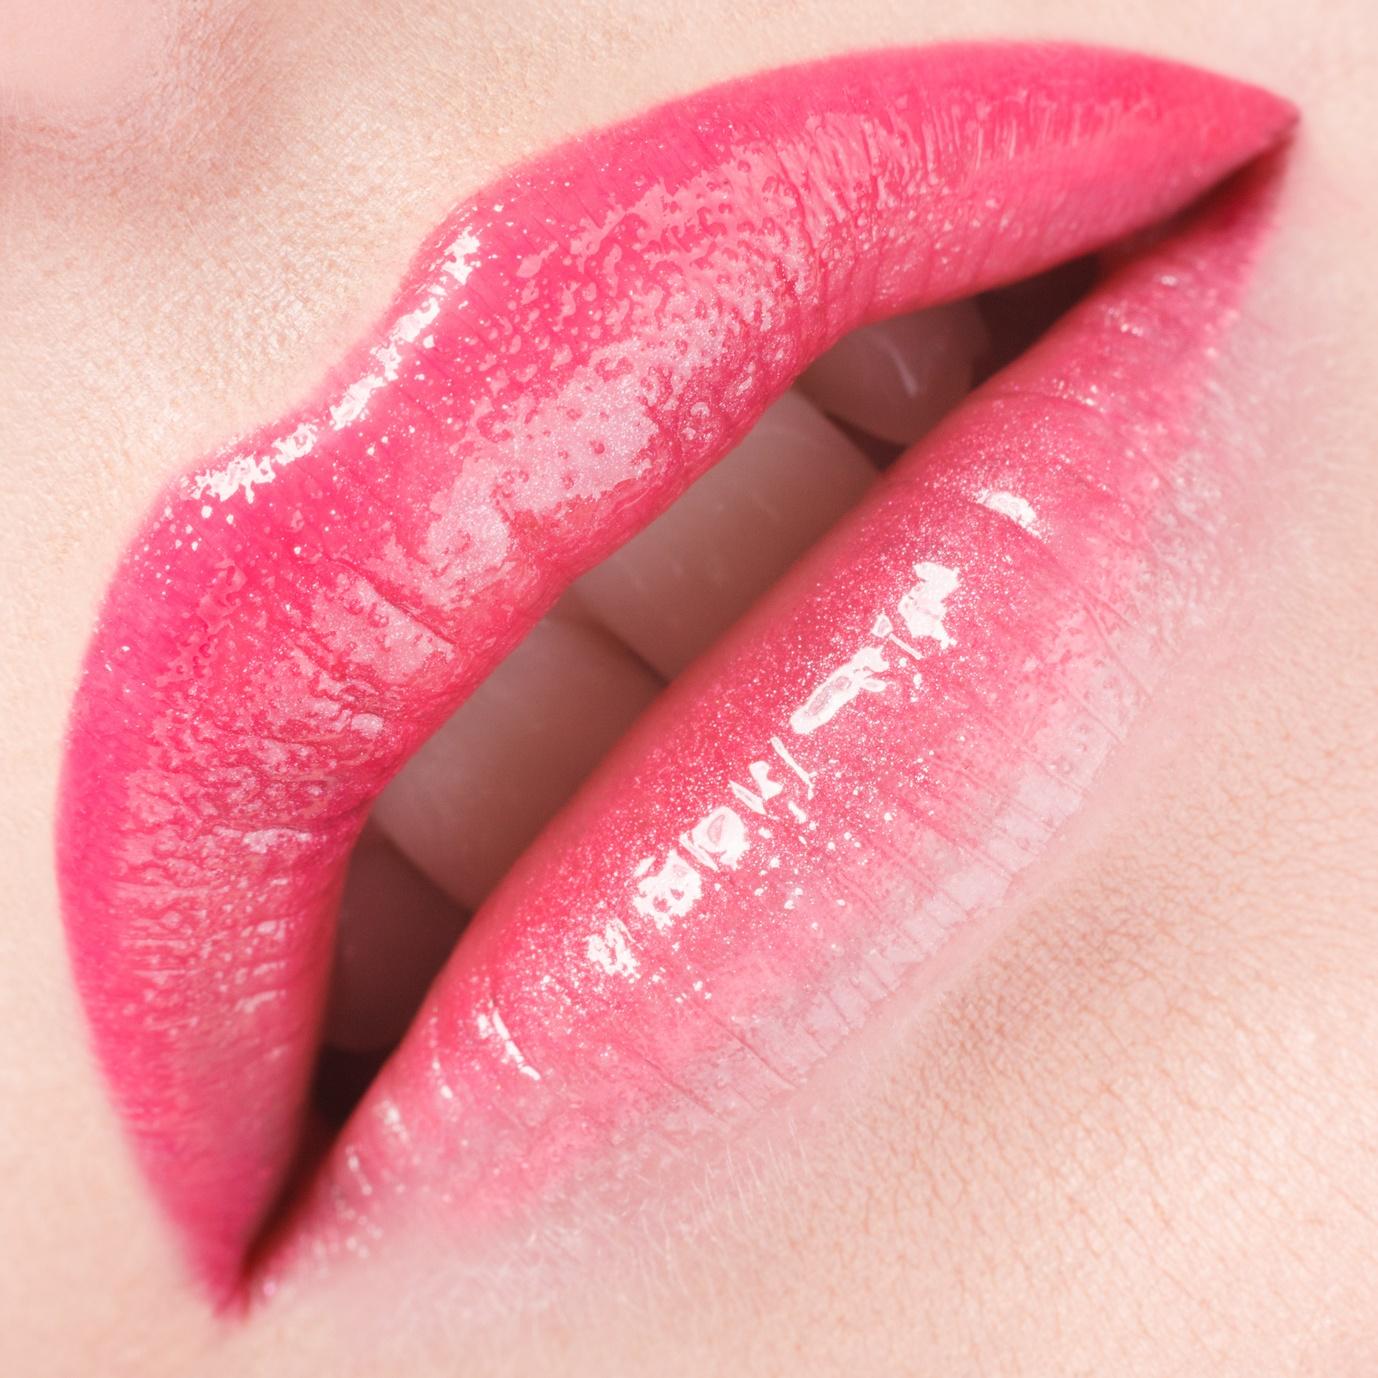 rossetto rosa